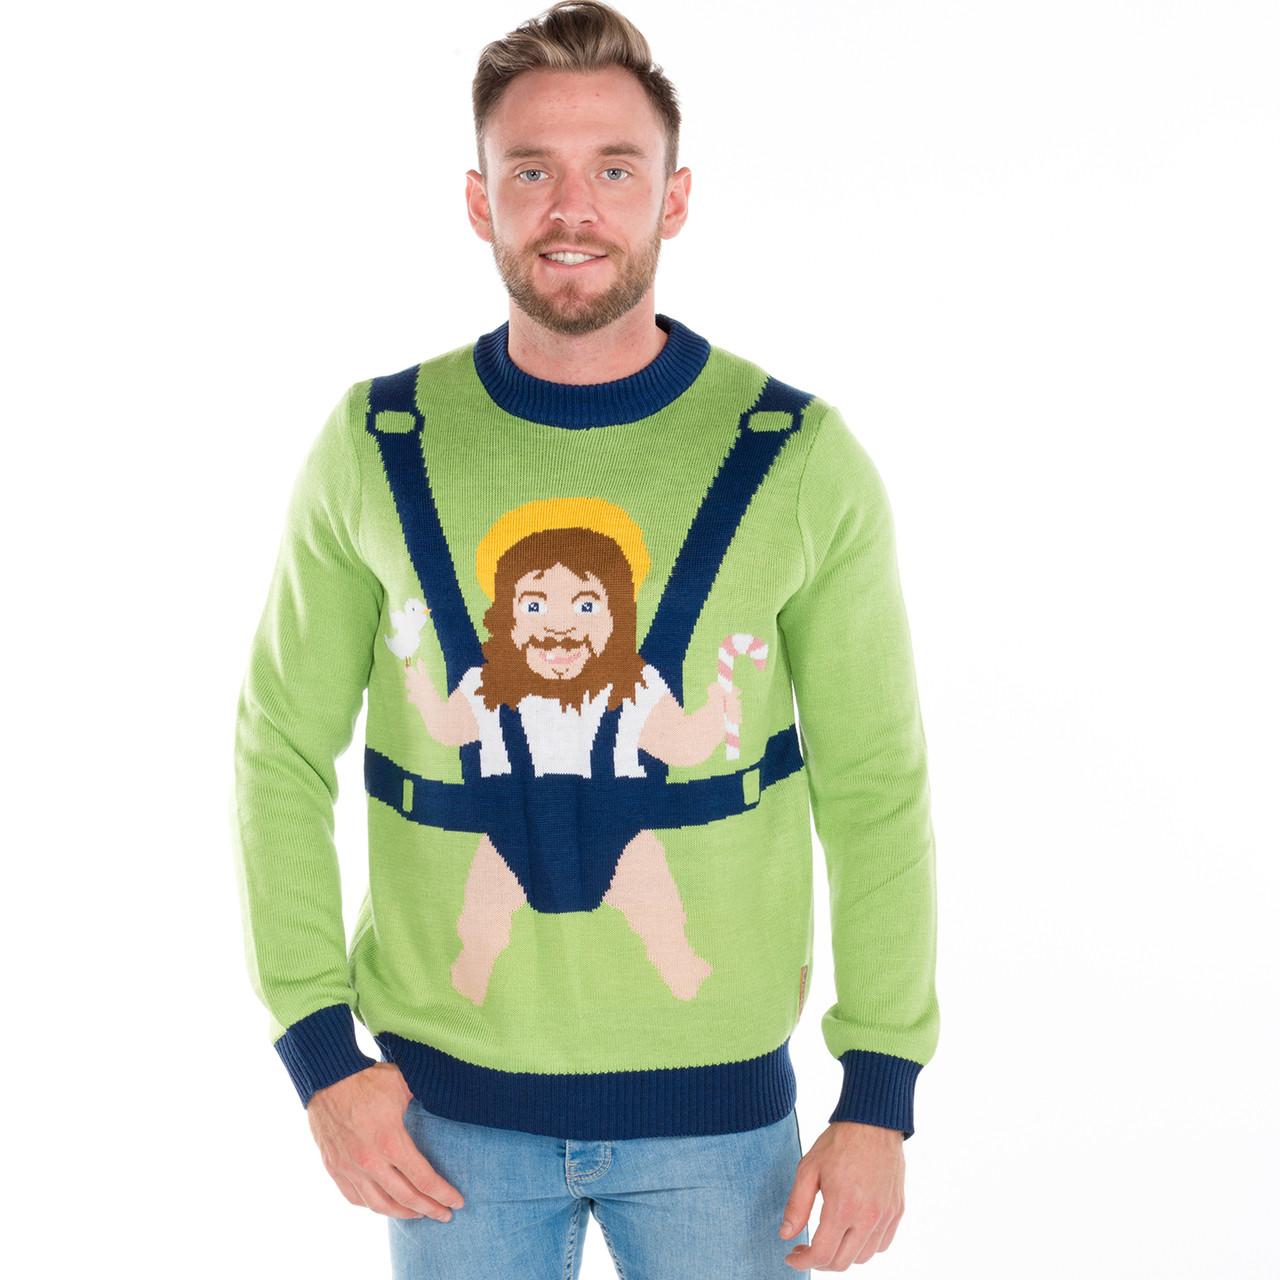 Christmas Sweater Jesus Birthday Boy